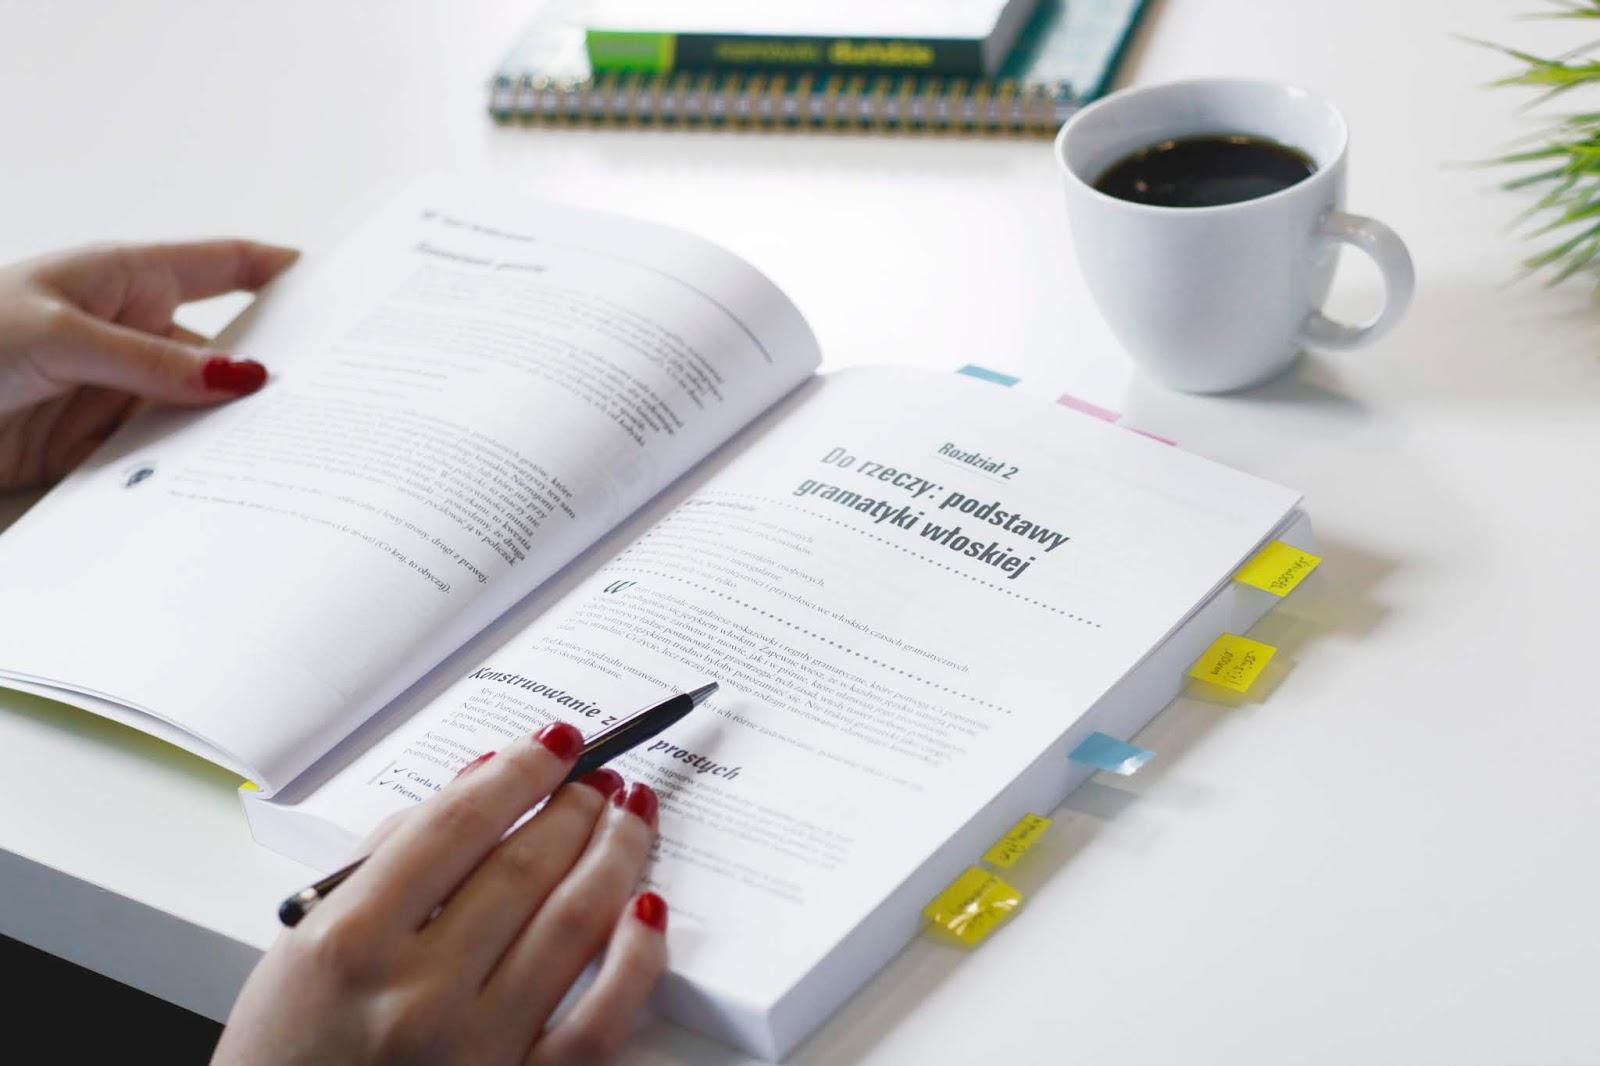 nauka języka obcego z podręcznika, metody nauki języka